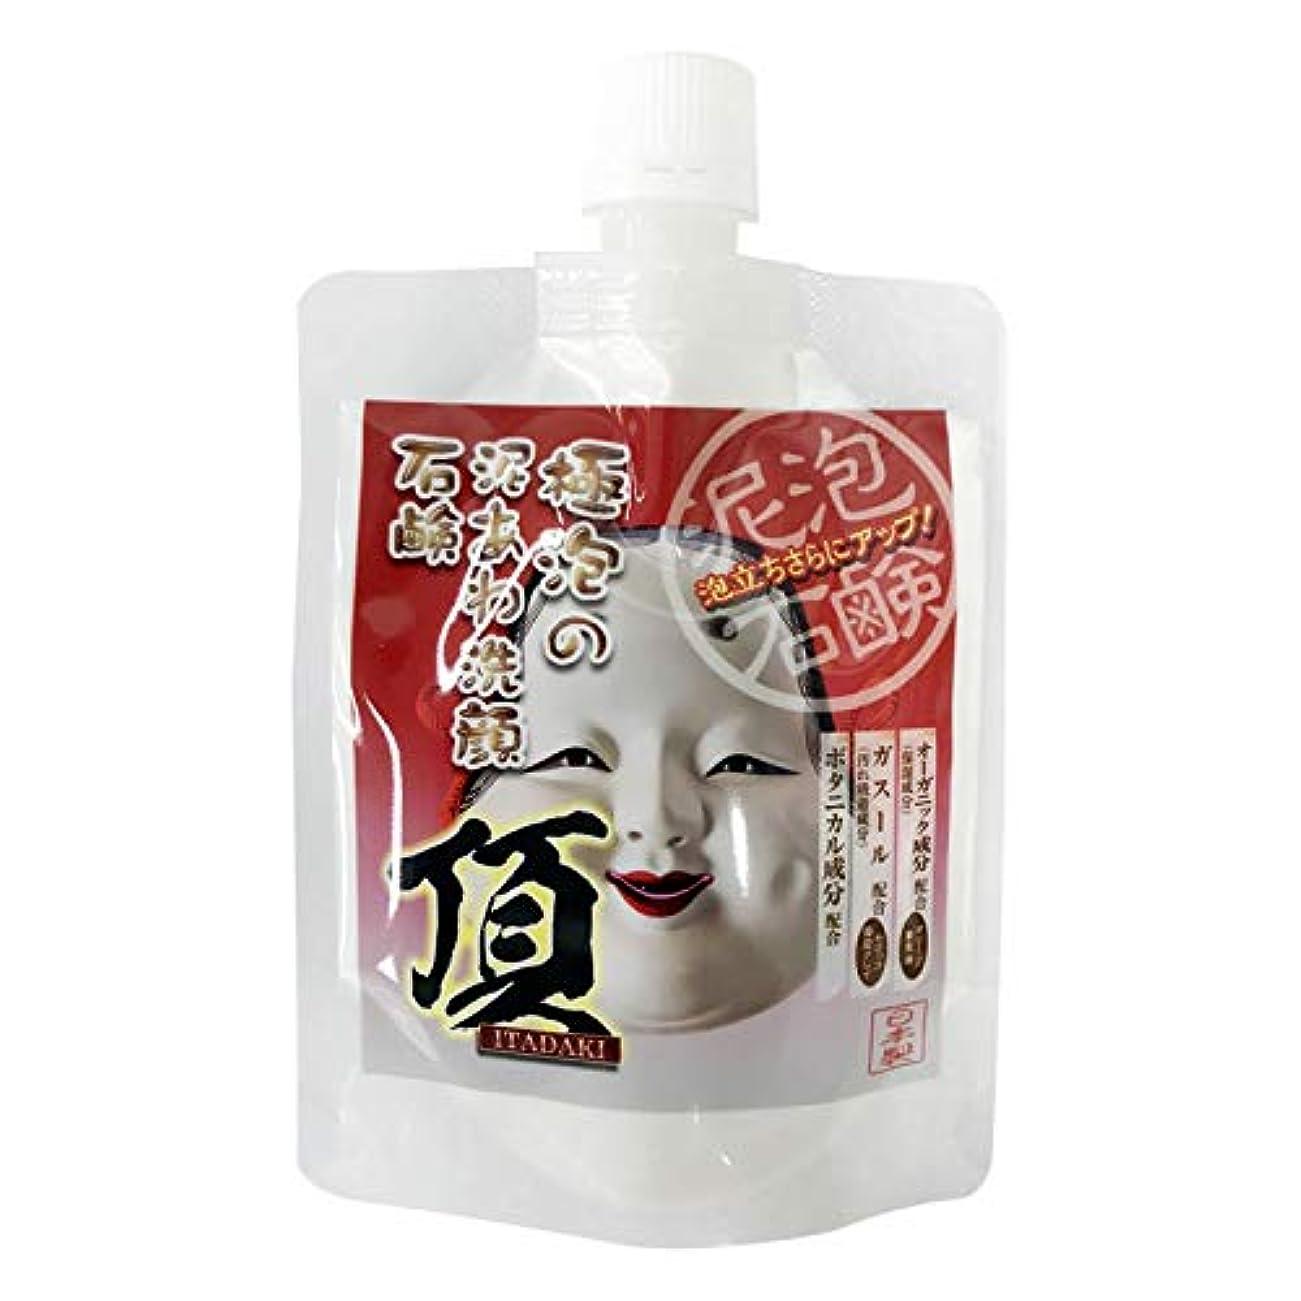 クリケット温度マングル極泡の泥あわ洗顔石鹸 頂 130g ガスール 豆乳 ボタニカル 酒粕 エキス配合